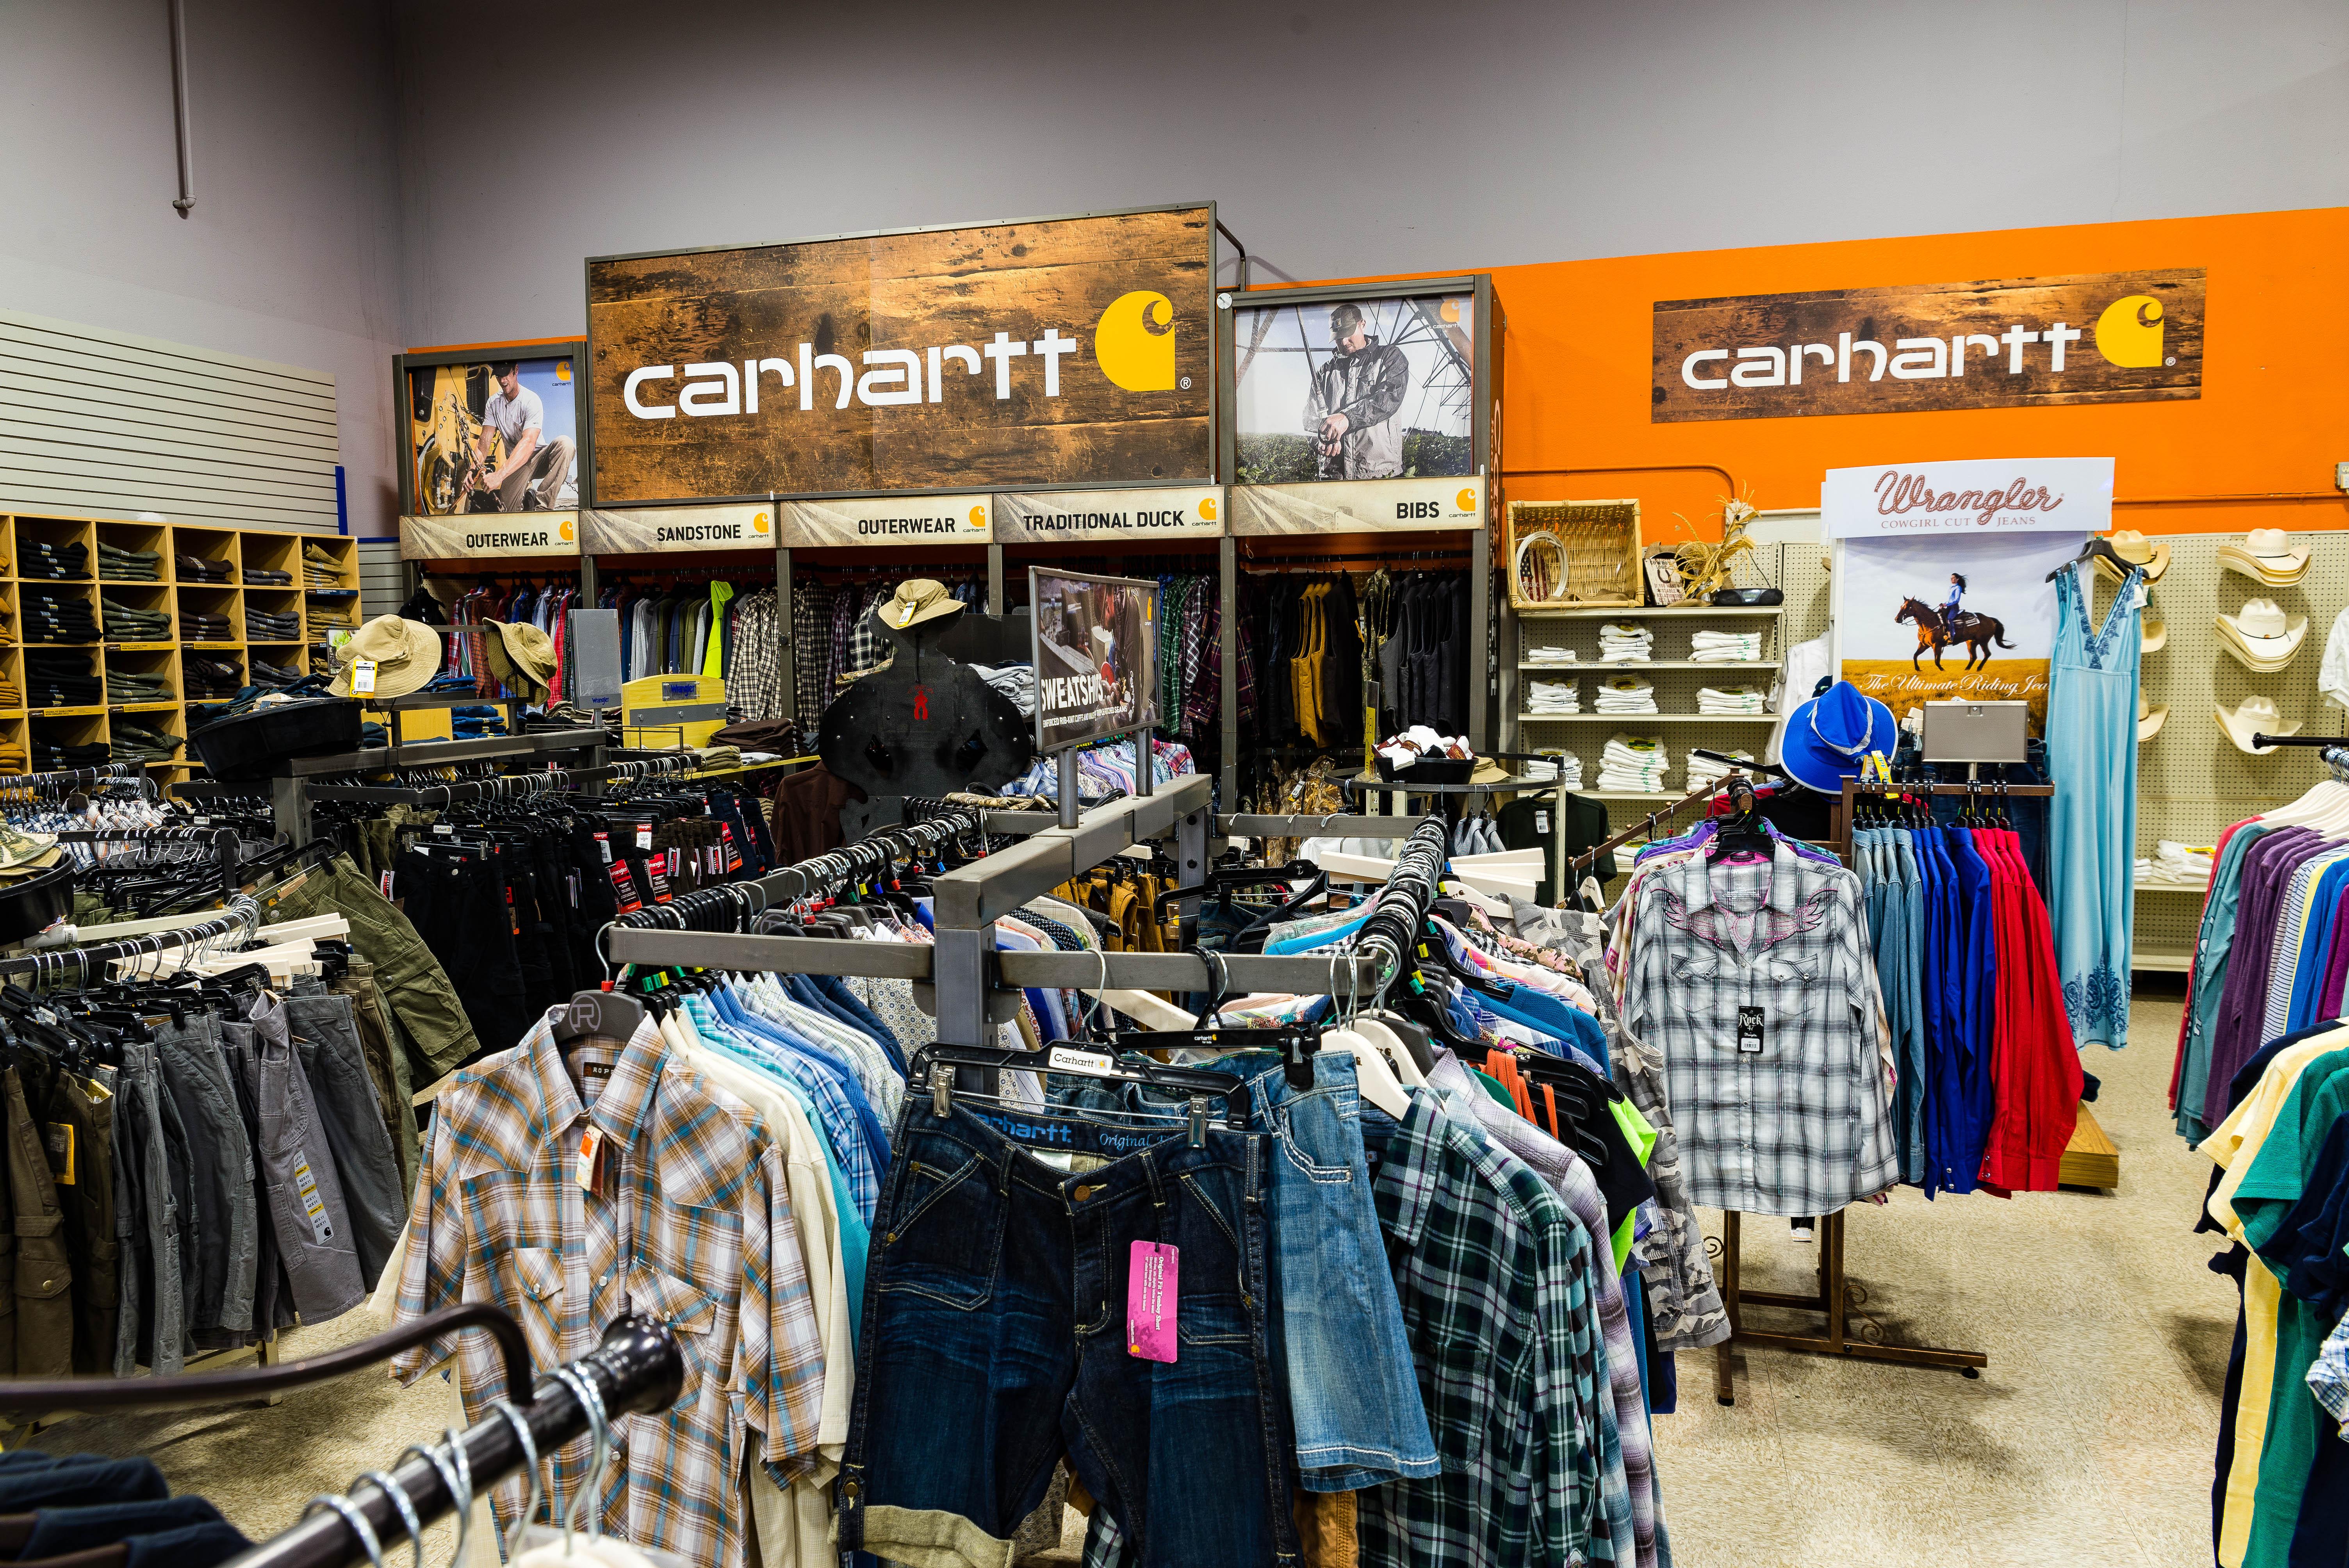 Carhartt Clothing at Rainbow Ag